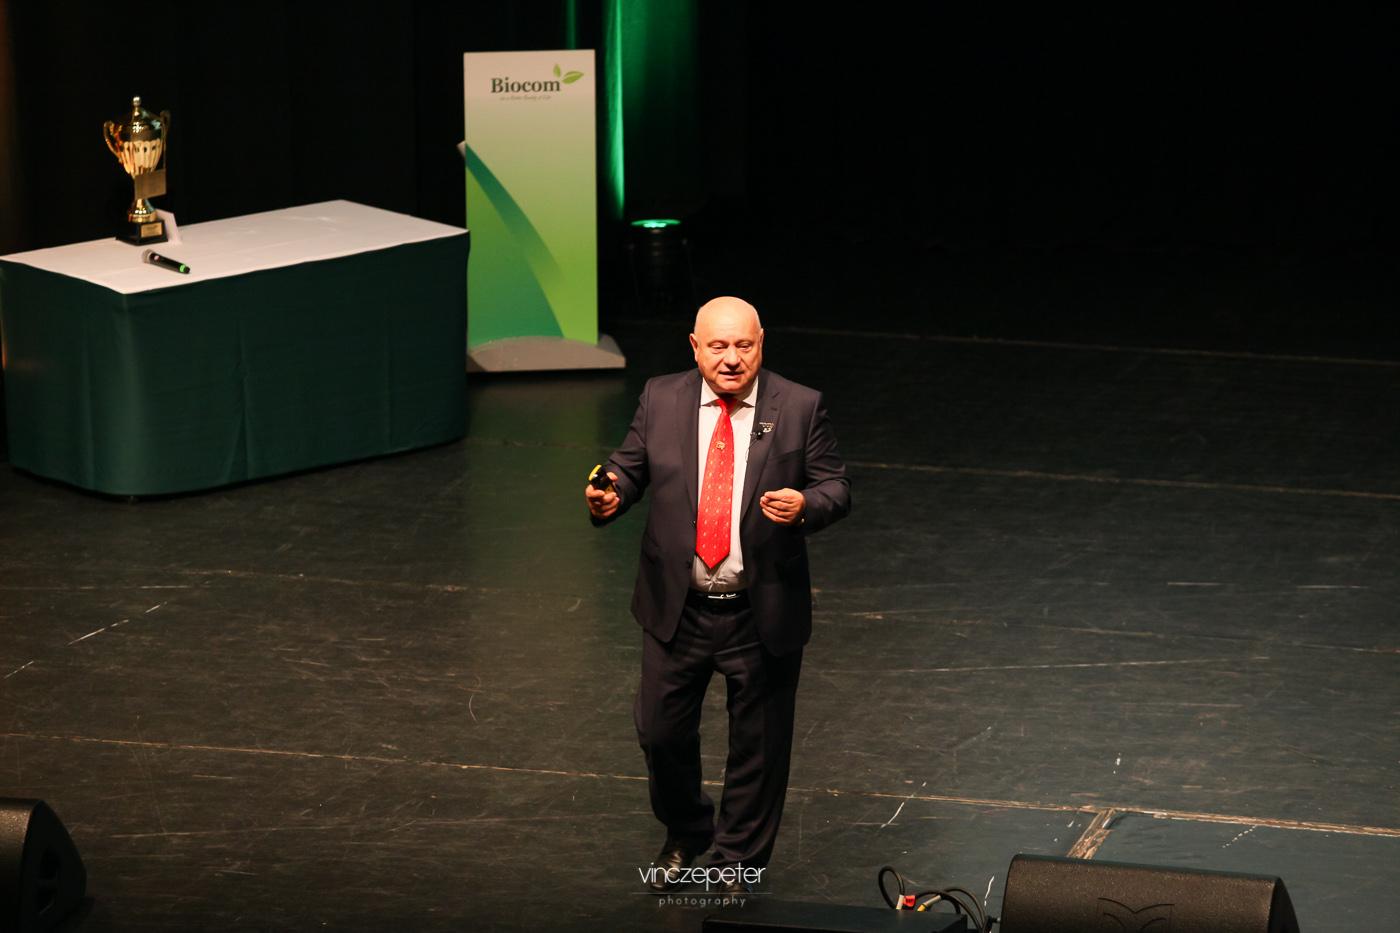 Lőrincz János, a Biocom első Gyémánt Hálózatigazgatója a nyári versenyek értékelése mentén adott újra hasznos tanácsokat a mélységépítésről